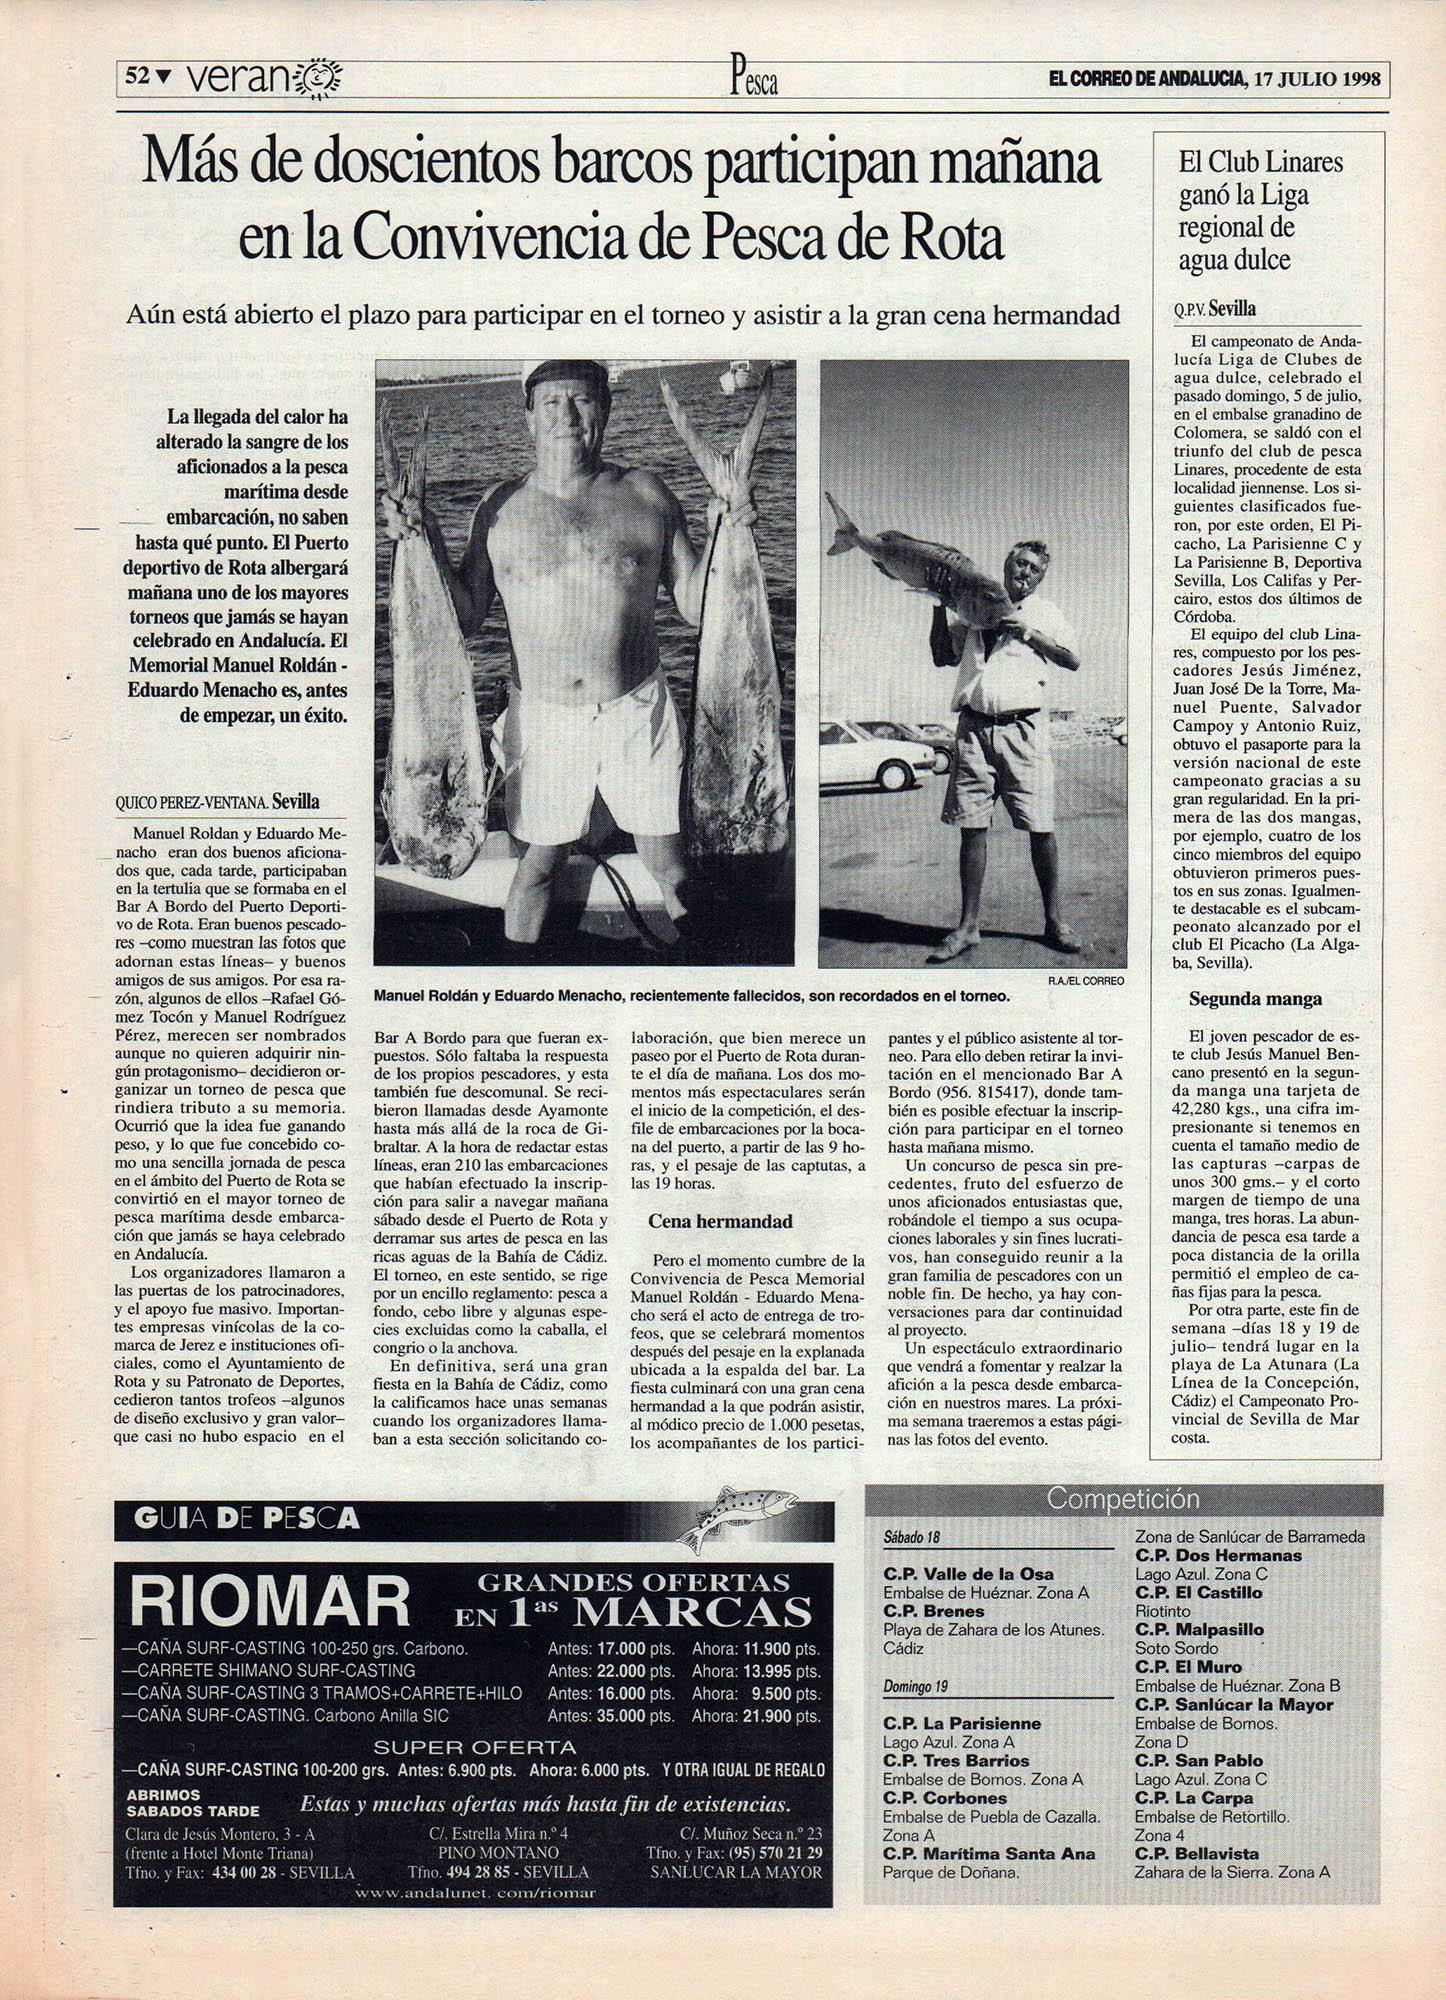 Pesca deportiva / Más de 200 barcos participan en la Convivencia de Pesca de Rota | El Club Linares ganó la Liga Regional de Agua Dulce | El Correo de Andalucía | 17 jul 1998